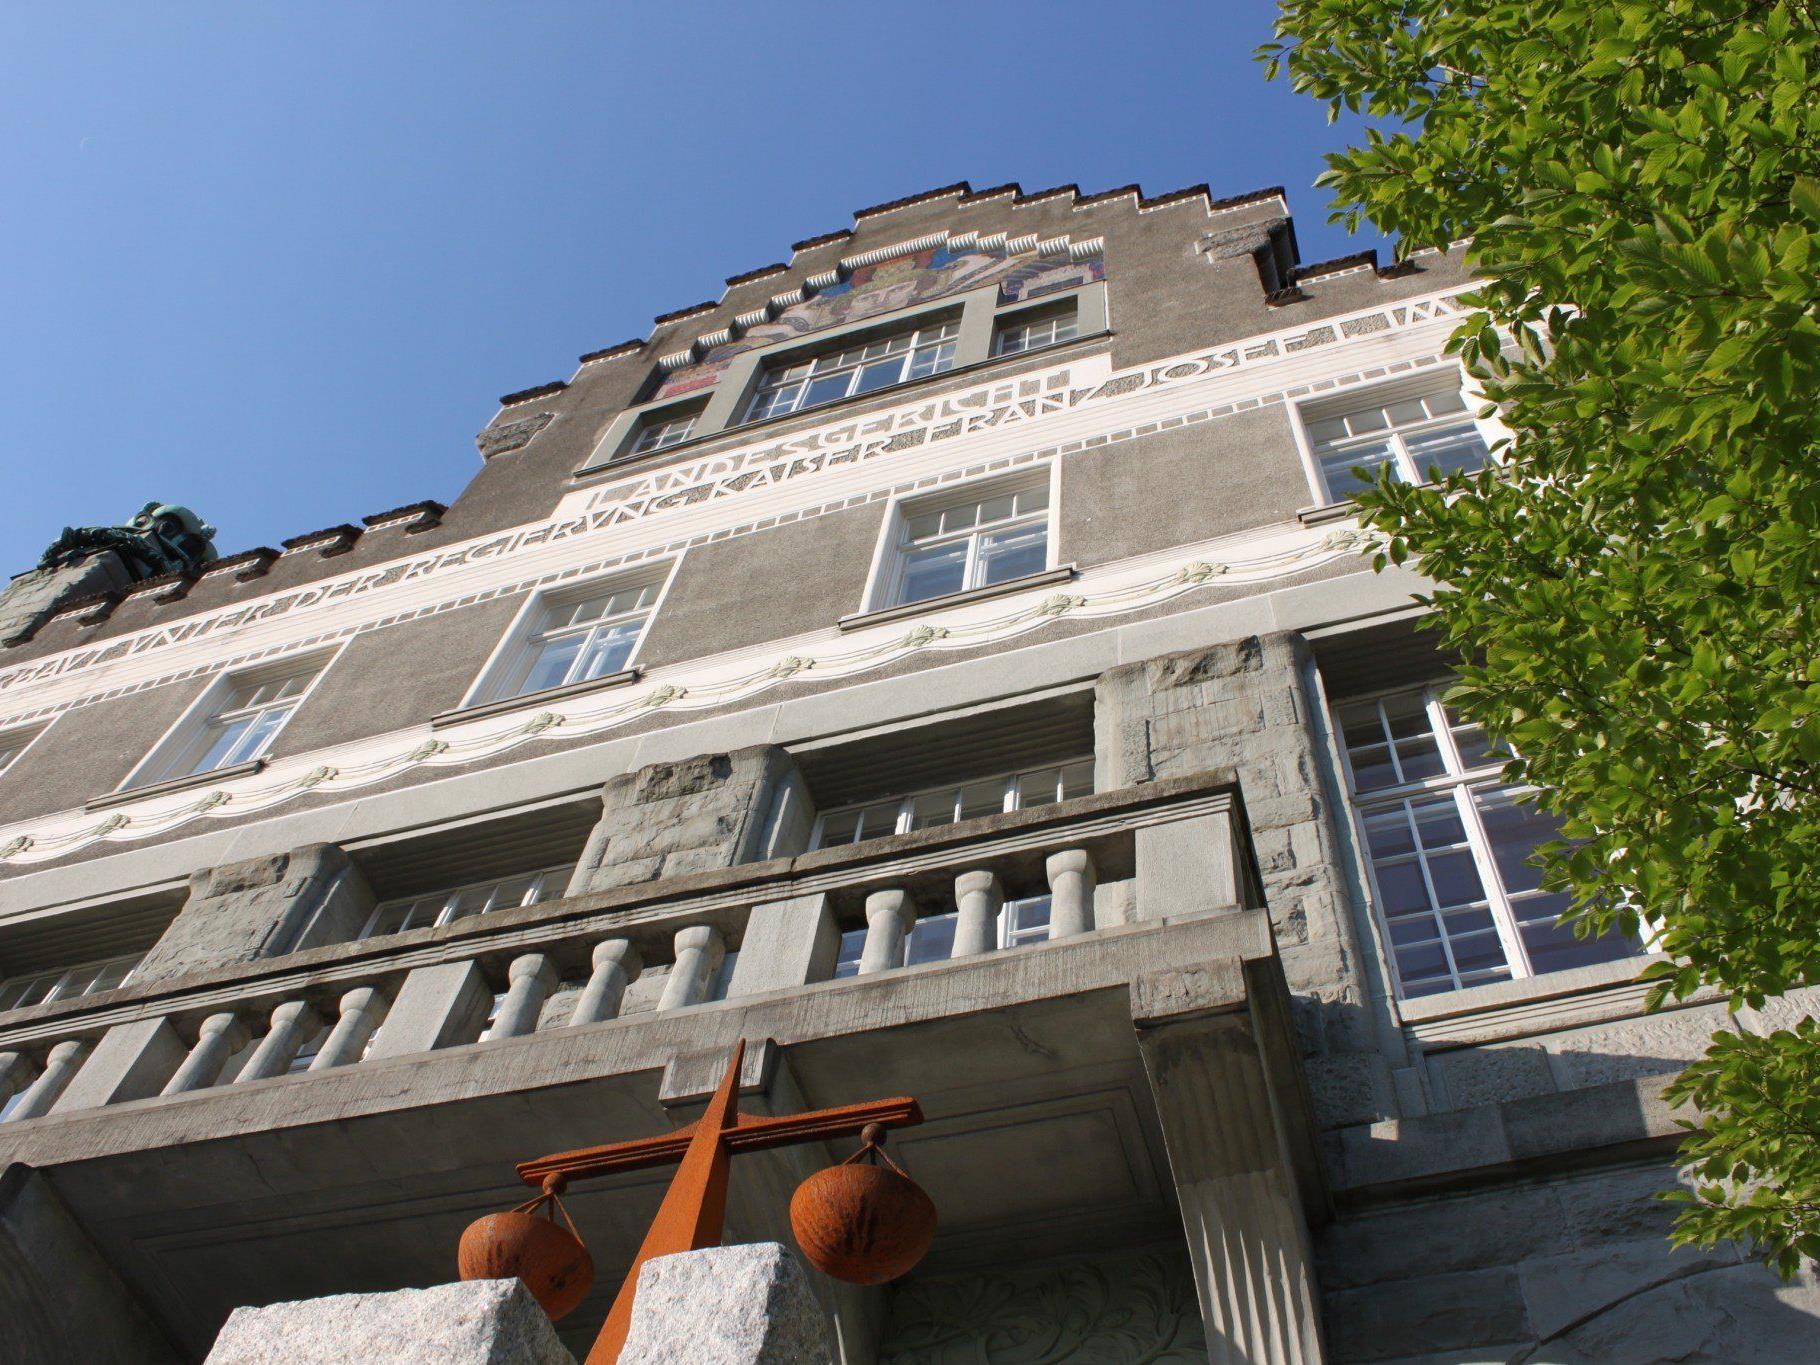 Urteil des Landesgerichts wurde nicht bekämpft: Teilbedingte Geldstrafe von 12.000 Euro wegen falscher Zeugenaussage vor Gericht.